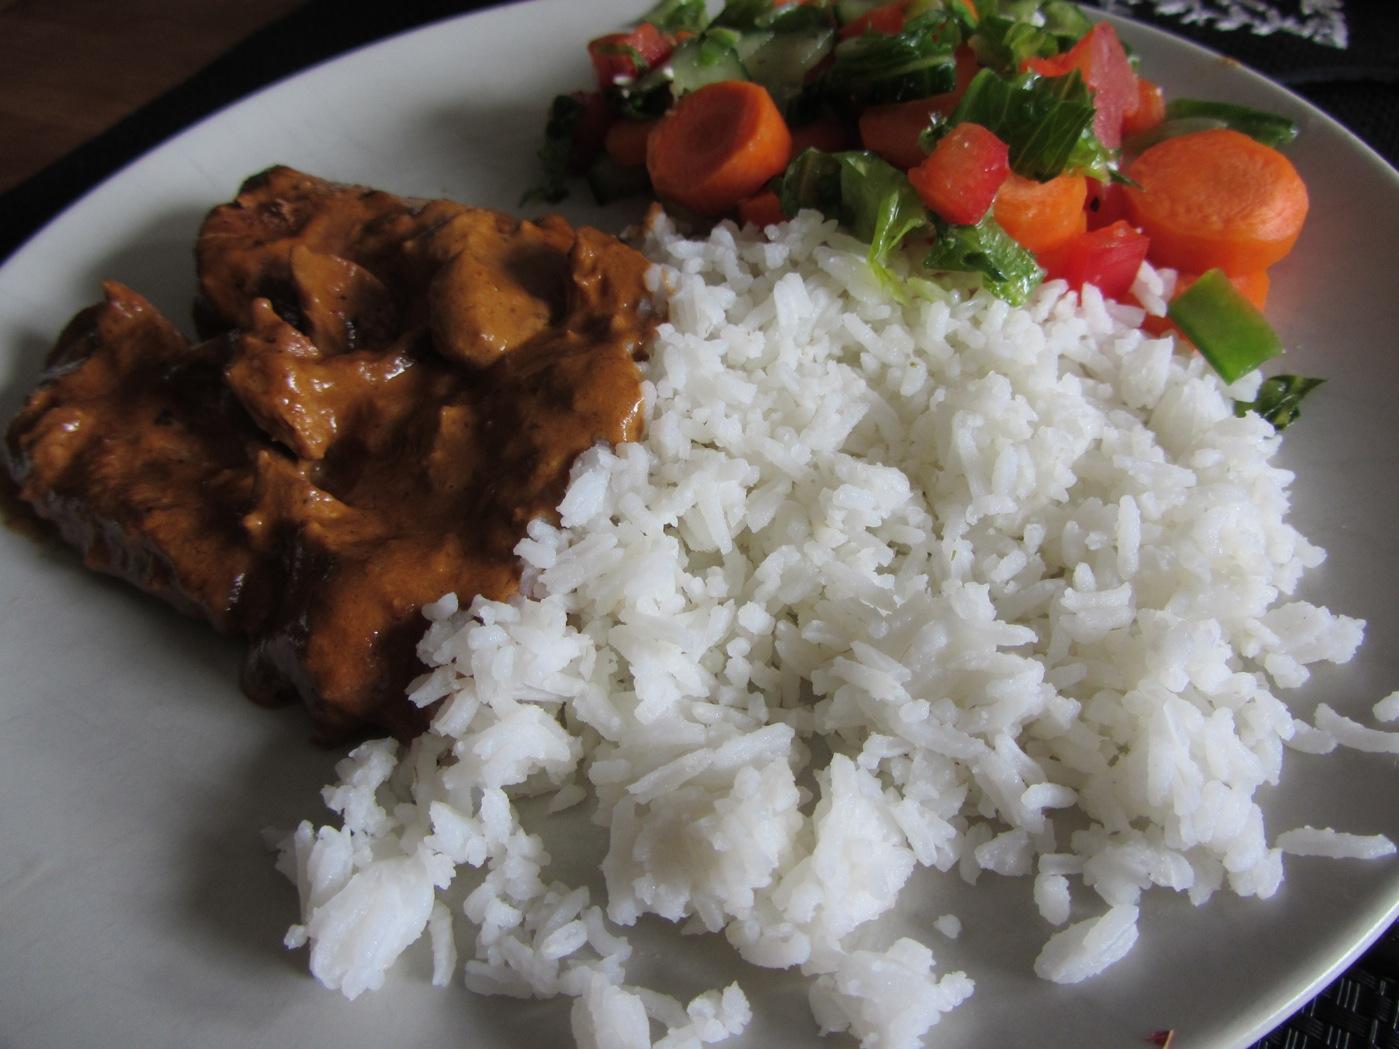 Kyckling i god sås med ris och grönsaker